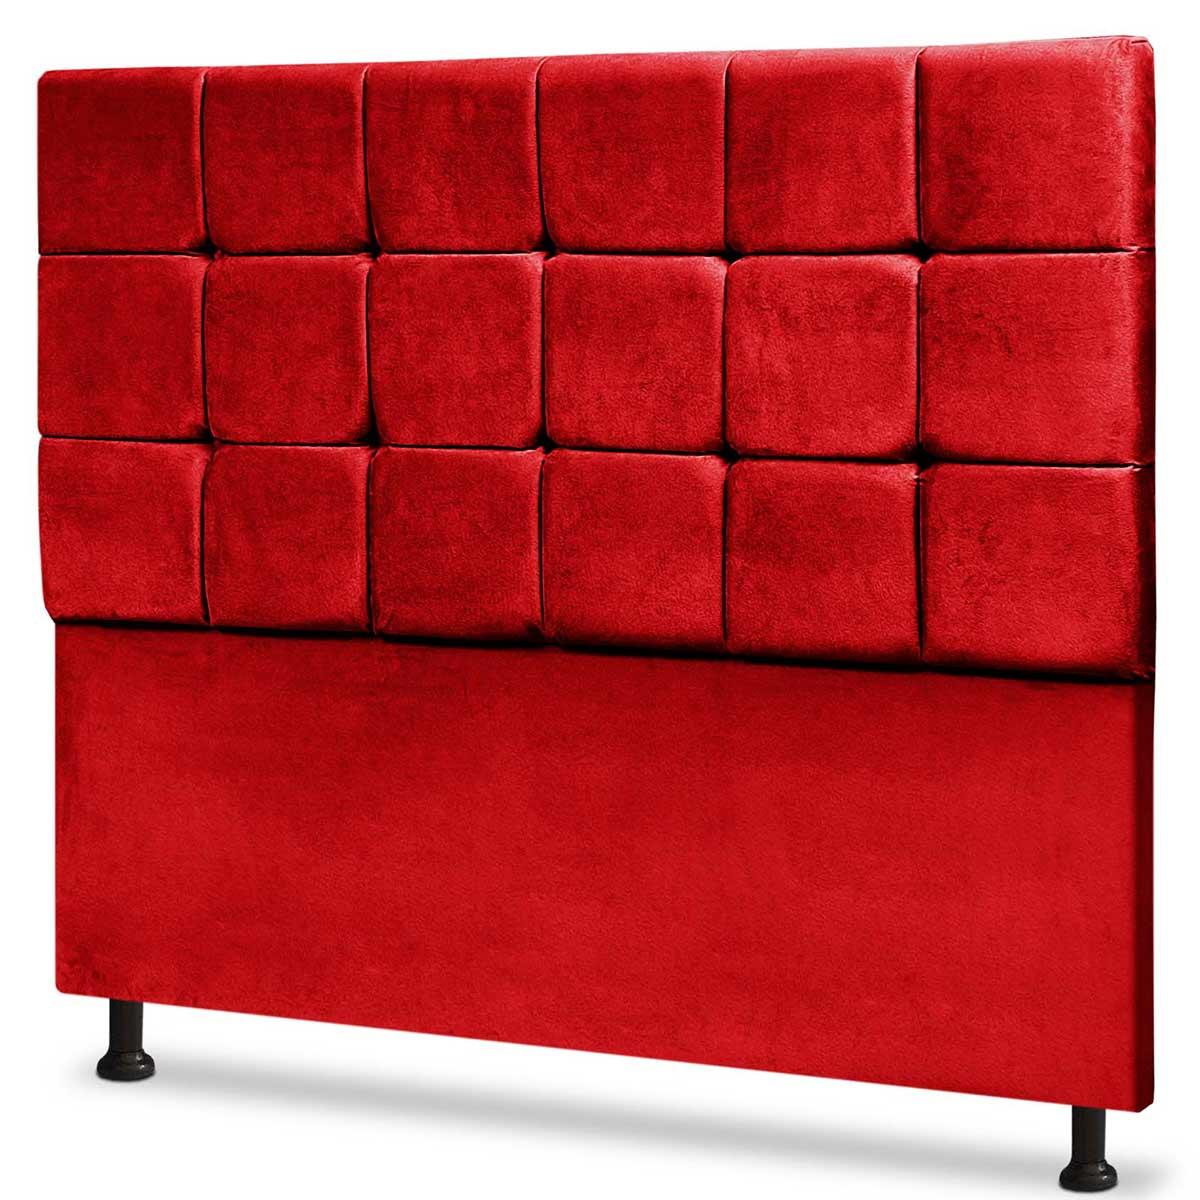 Cabeceira Solteiro Estofada Espanha 90 cm Animale Vermelho